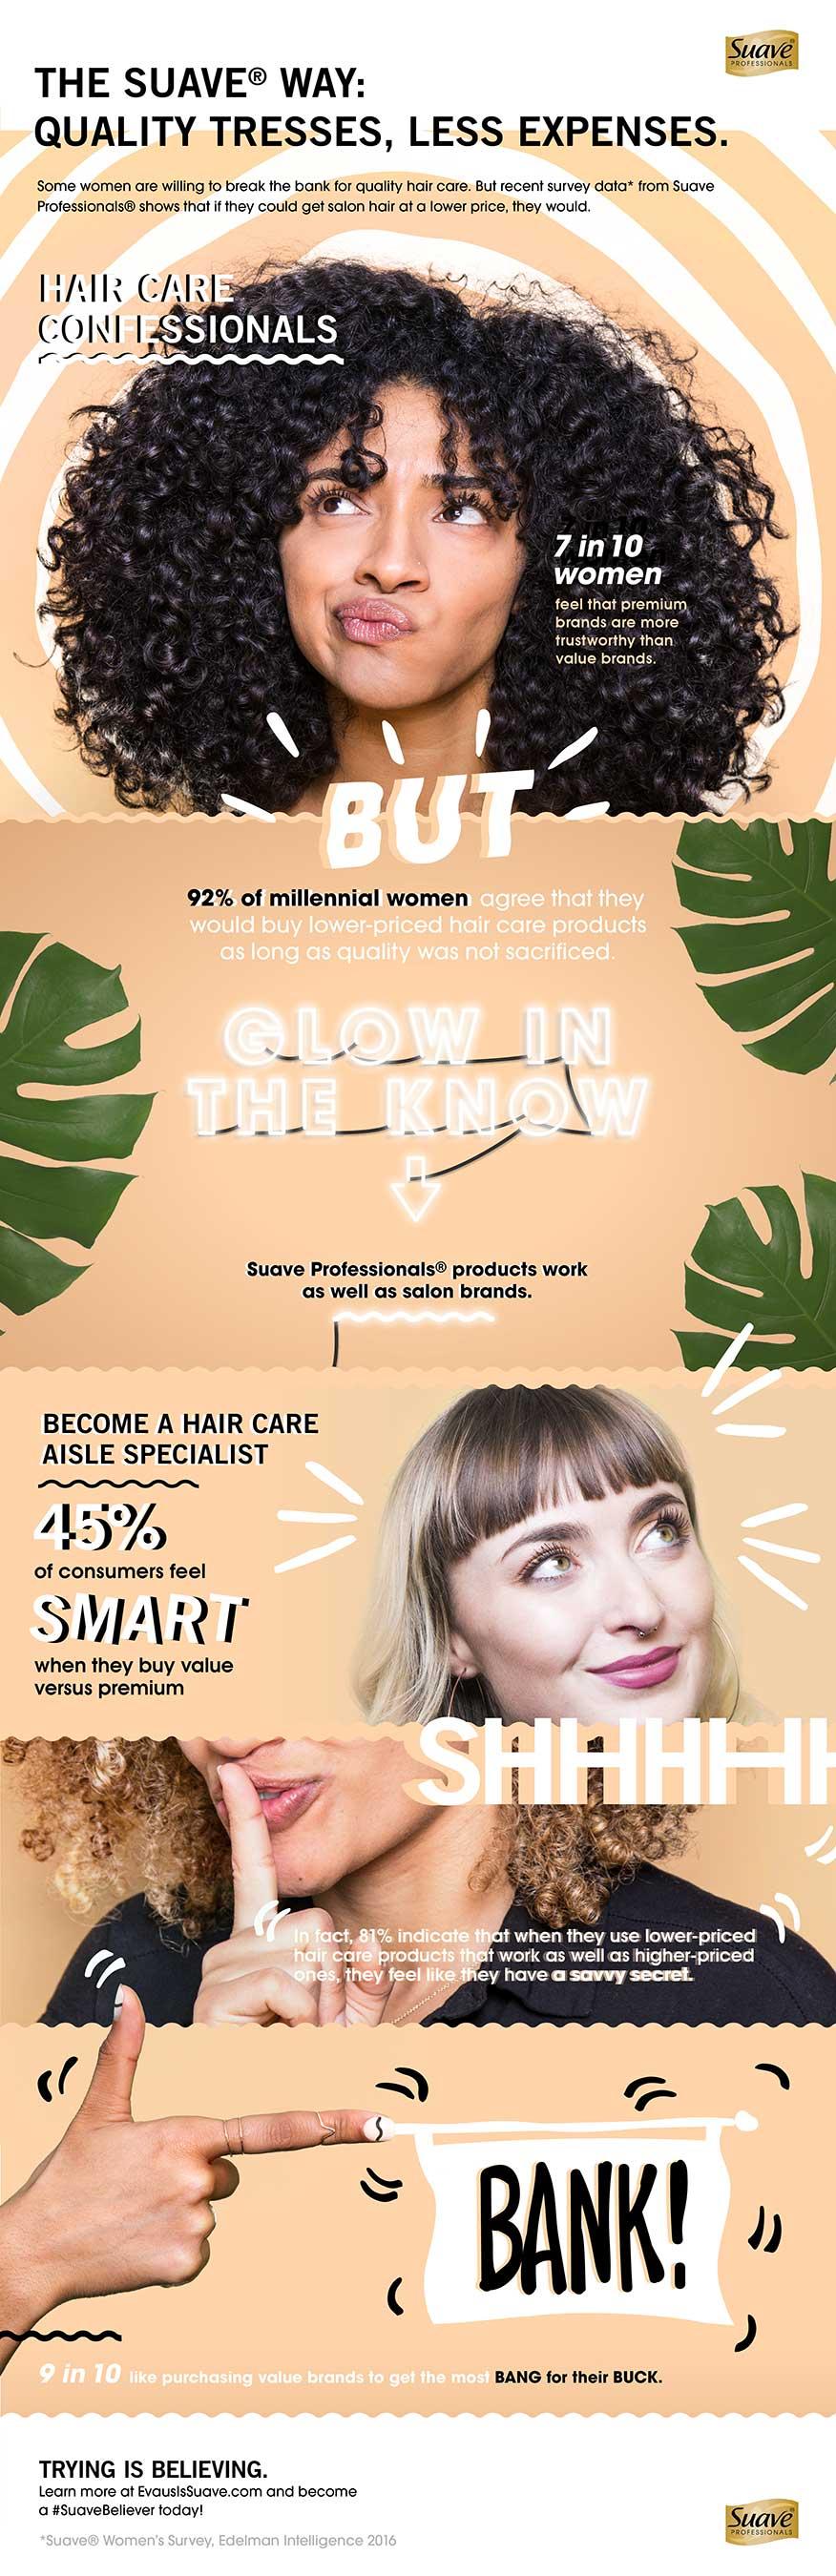 Suave Women's Survey Infographic